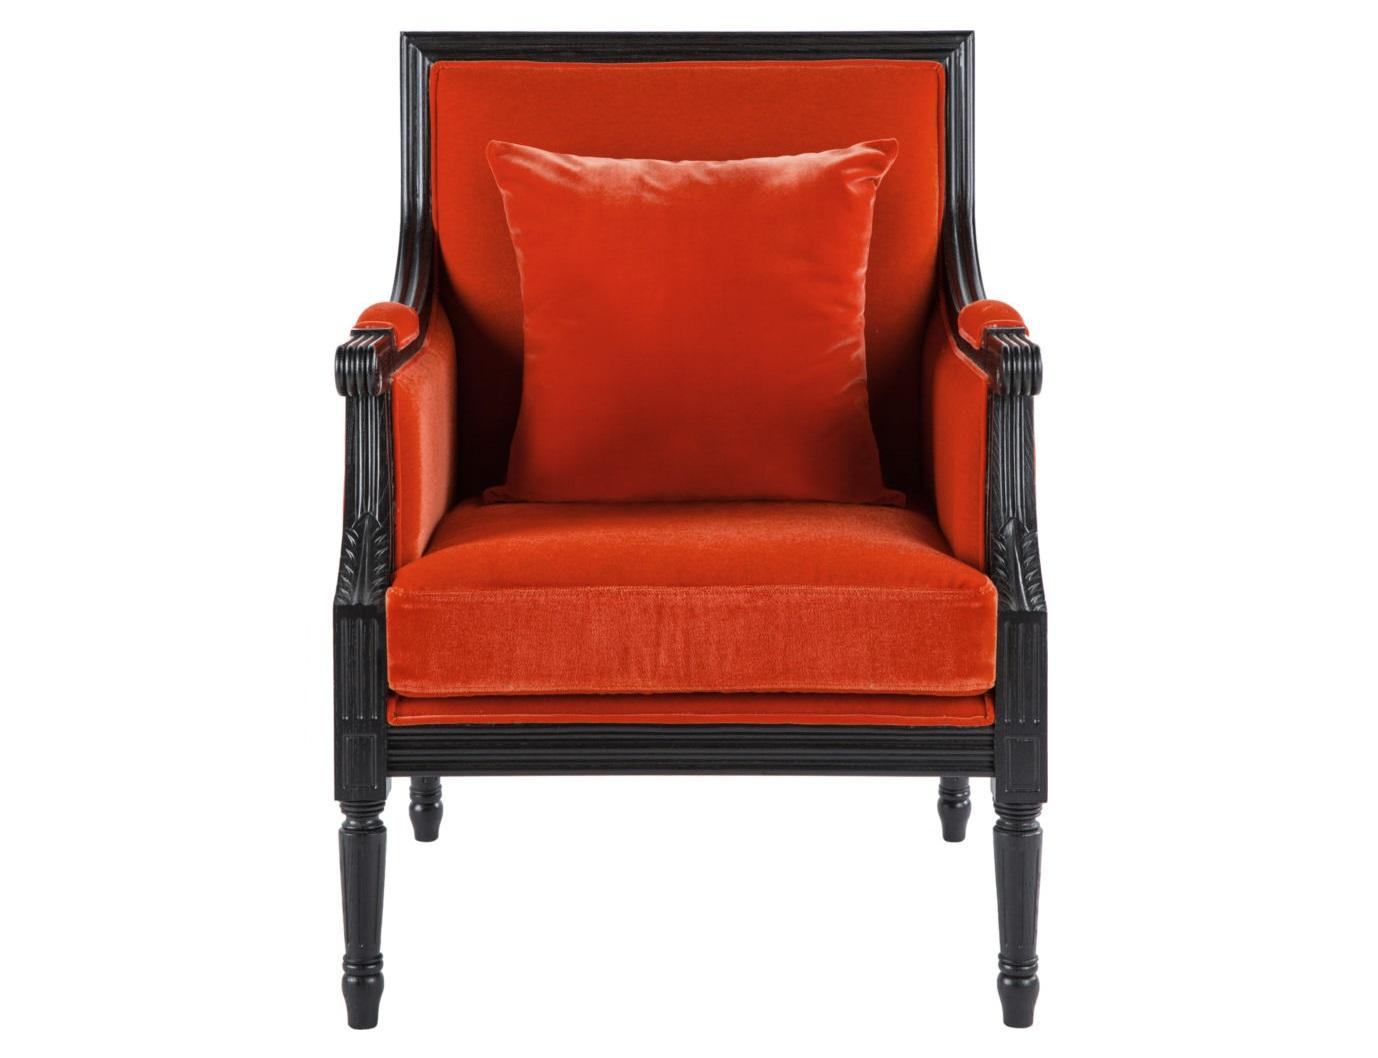 КреслоИнтерьерные кресла<br><br><br>Material: Текстиль